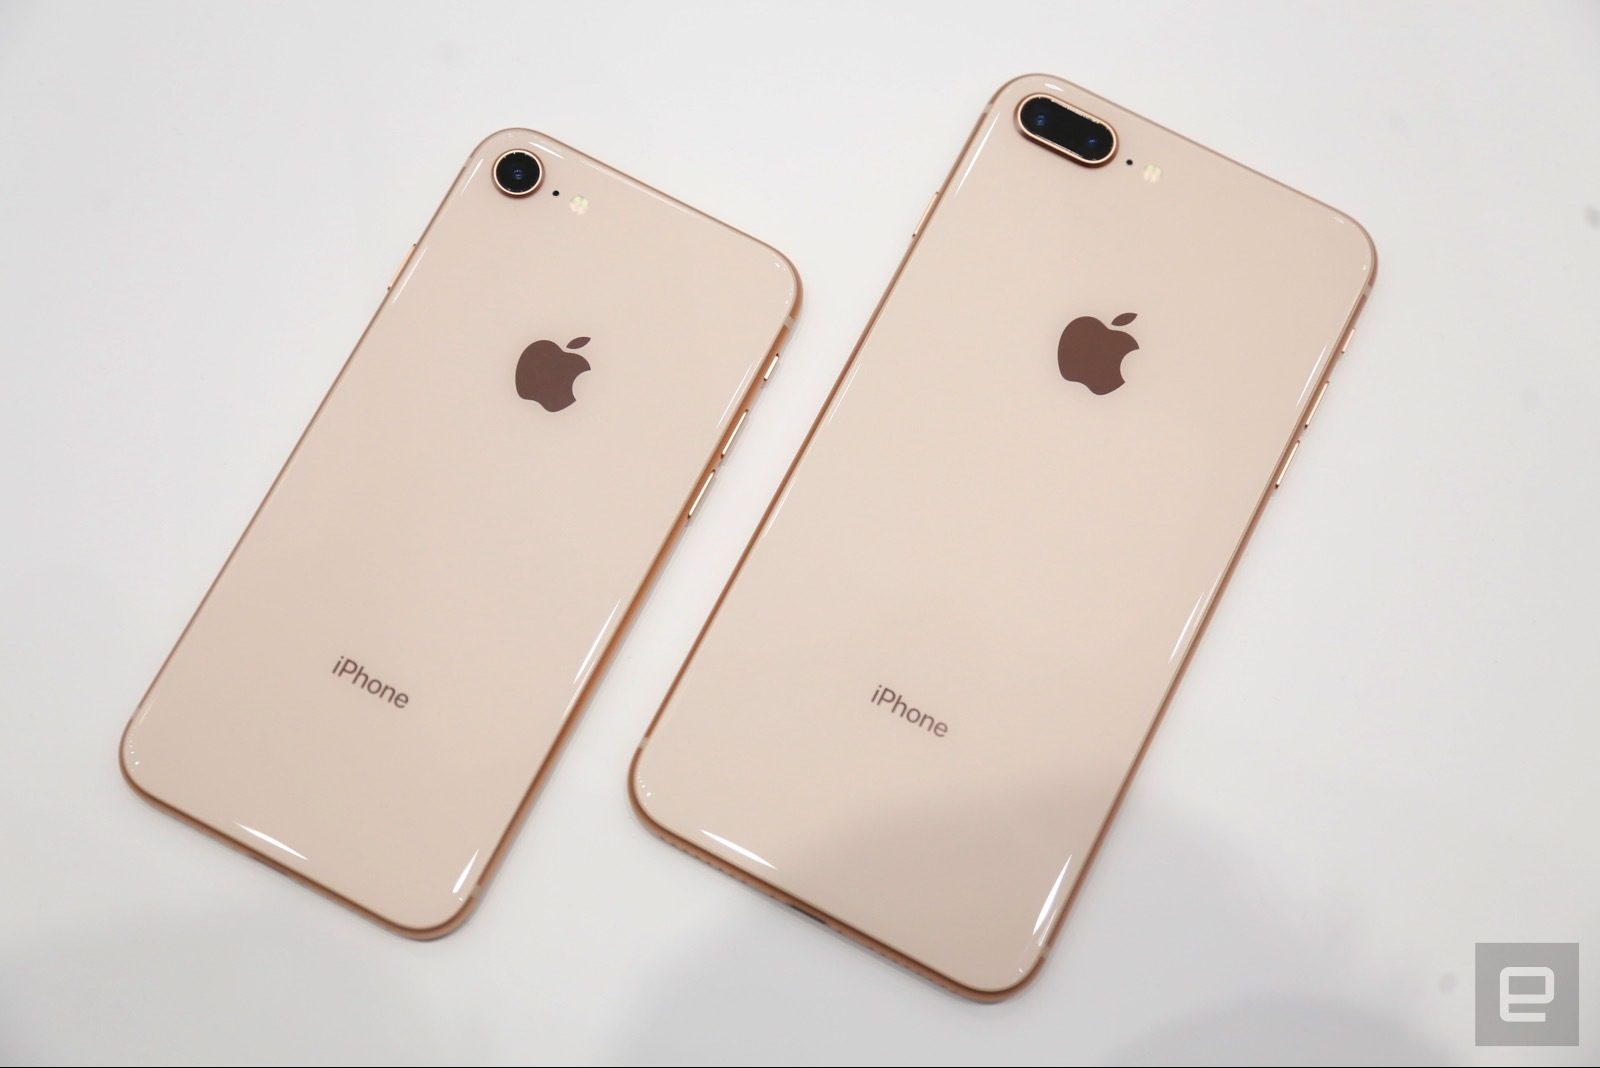 Trên tay iPhone 8 và 8 Plus: Thiết kế cũ nhưng trẻ trung hơn, cấu hình mạnh hơn hình 1